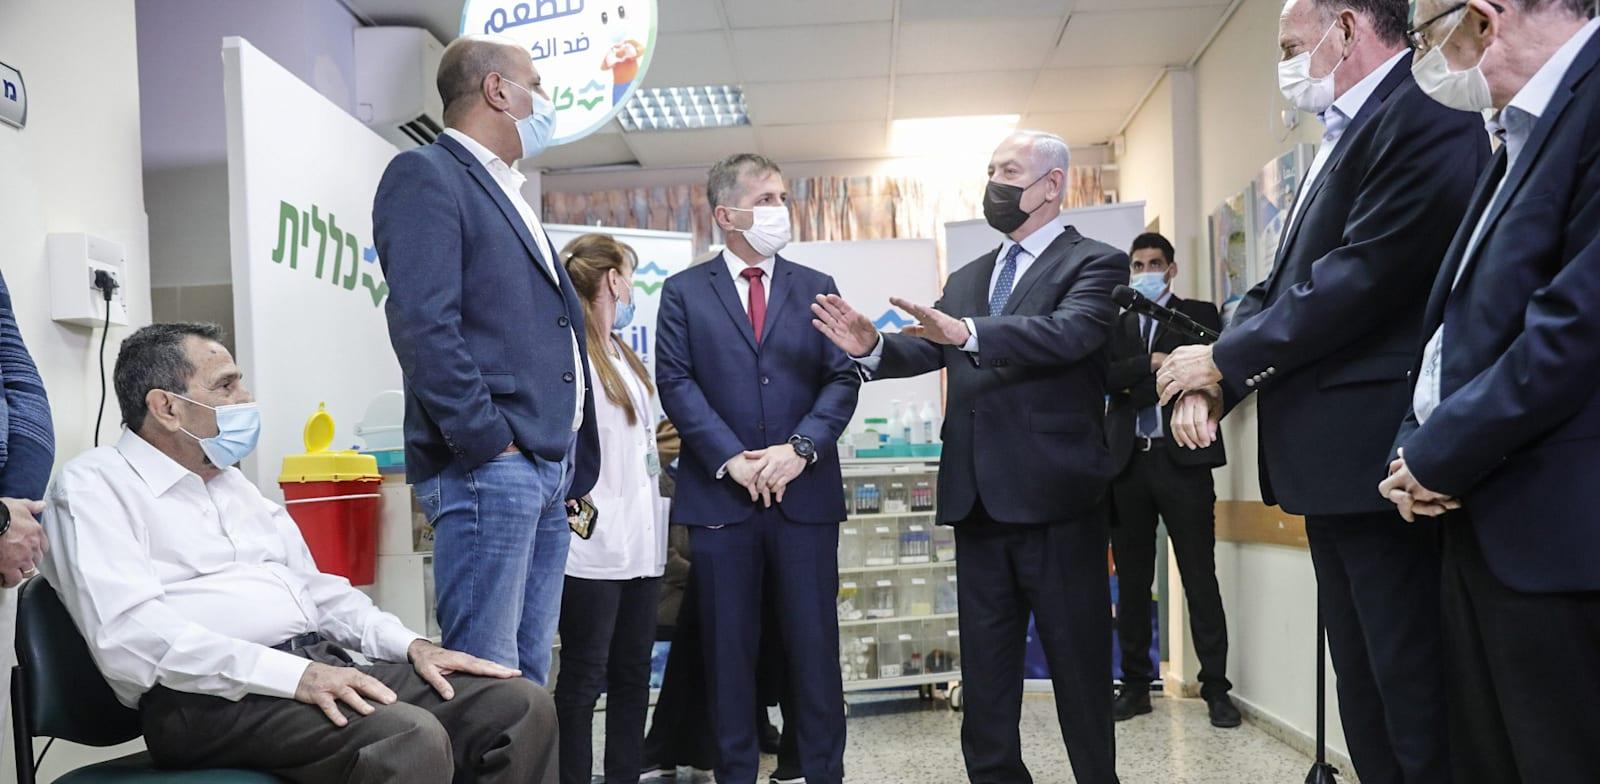 """ראש הממשלה בנימין נתניהו במתחם חיסוני קורונה של קופת חולים כללית טירה / צילום: תומר אפלבאום, """"הארץ"""""""